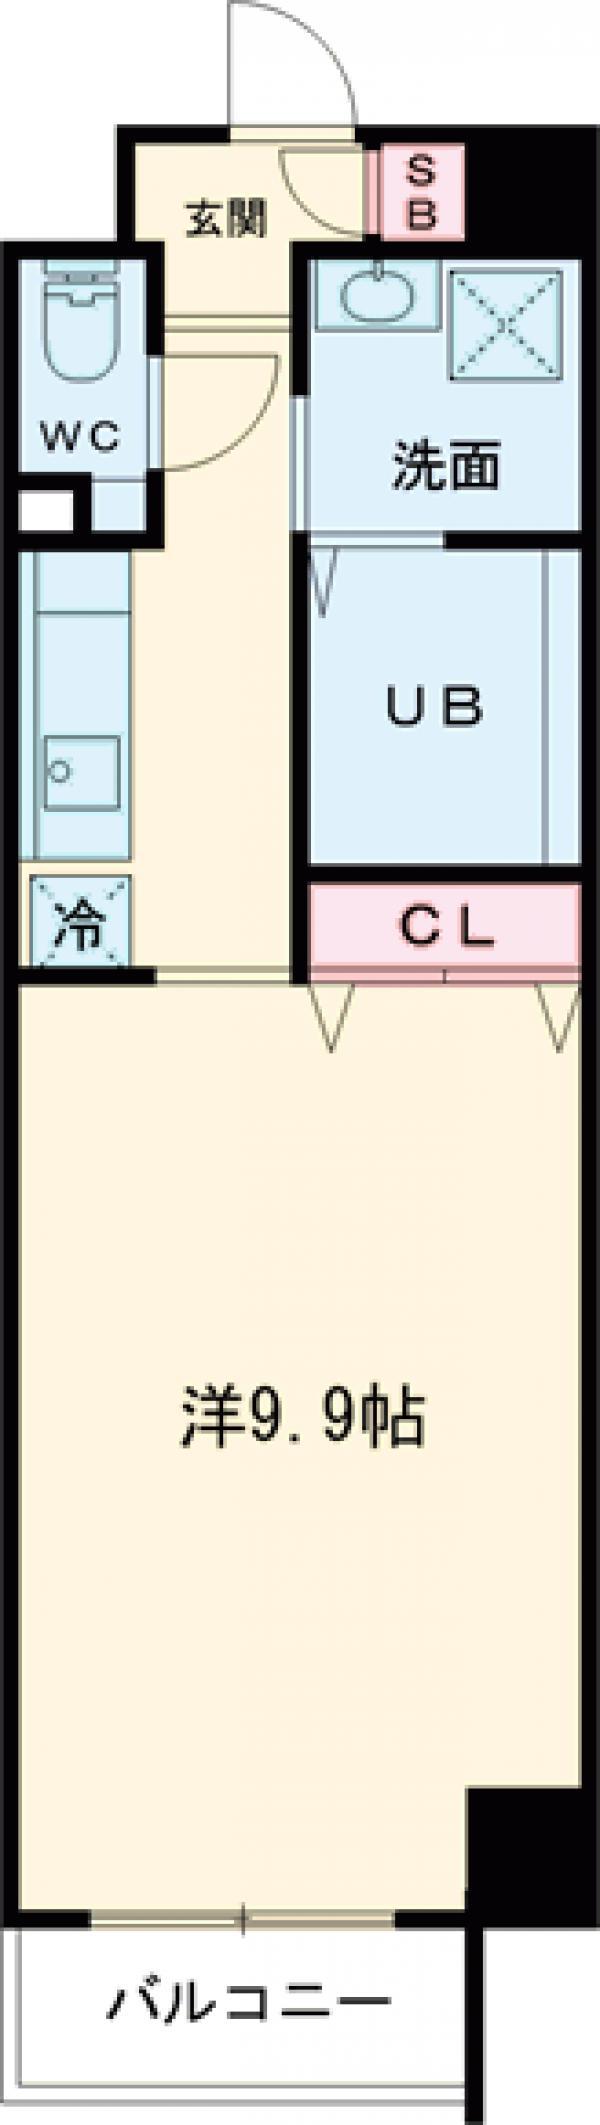 ビュークレスト小金井・305号室の間取り